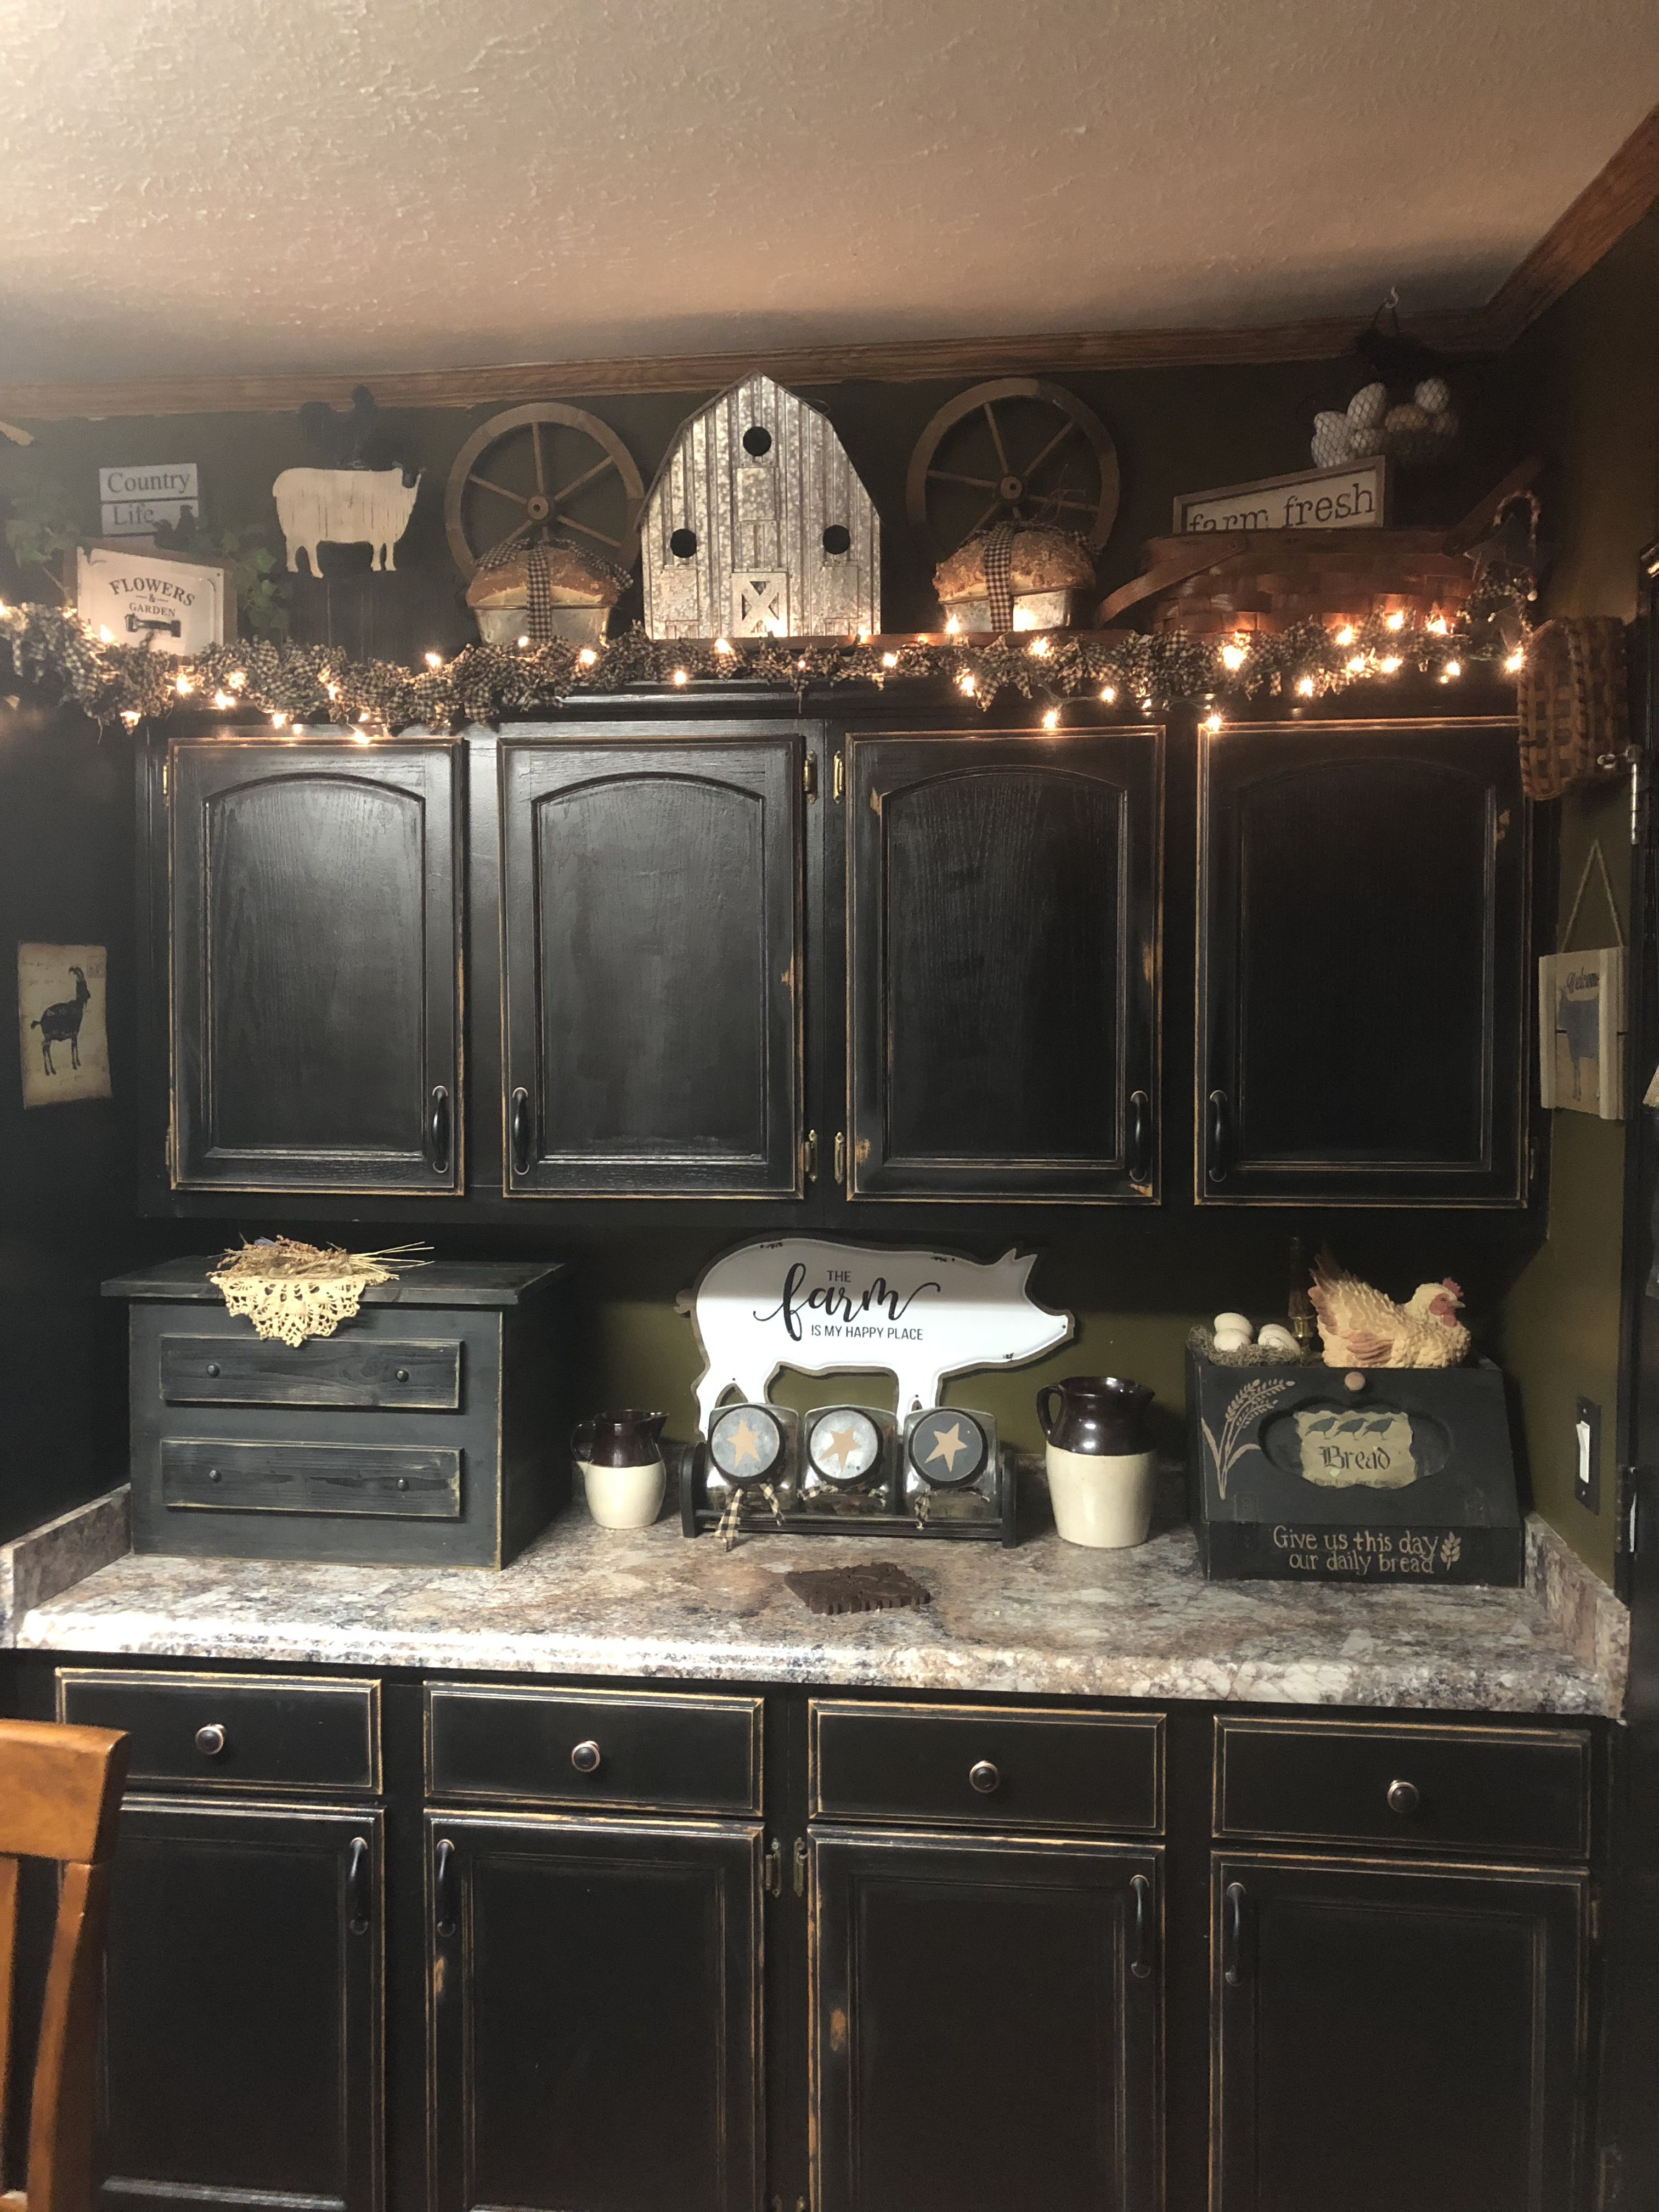 Farm House Primitive Kitchen Decor With Black Kitchen Cabinets Primitive Kitchen Cabinets Primitive Kitchen Decor Black Kitchen Cabinets